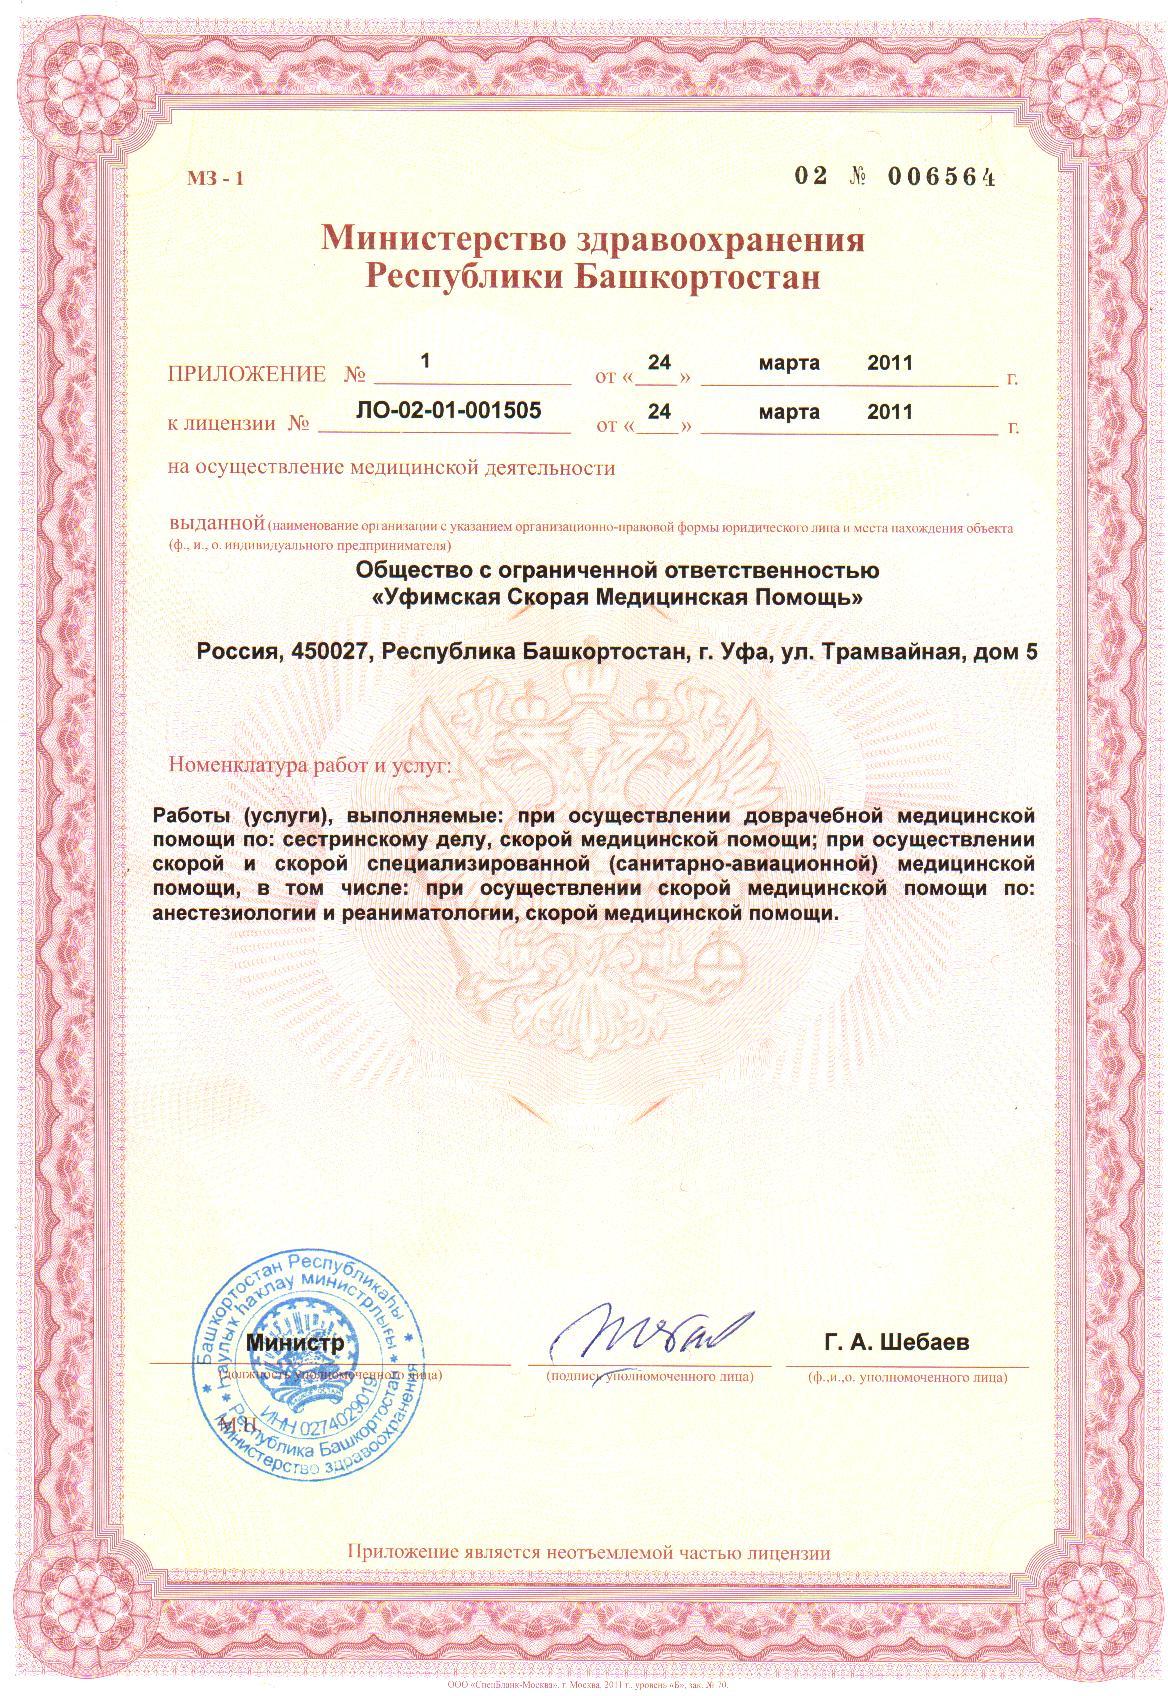 Лицензия_505.jpg 3